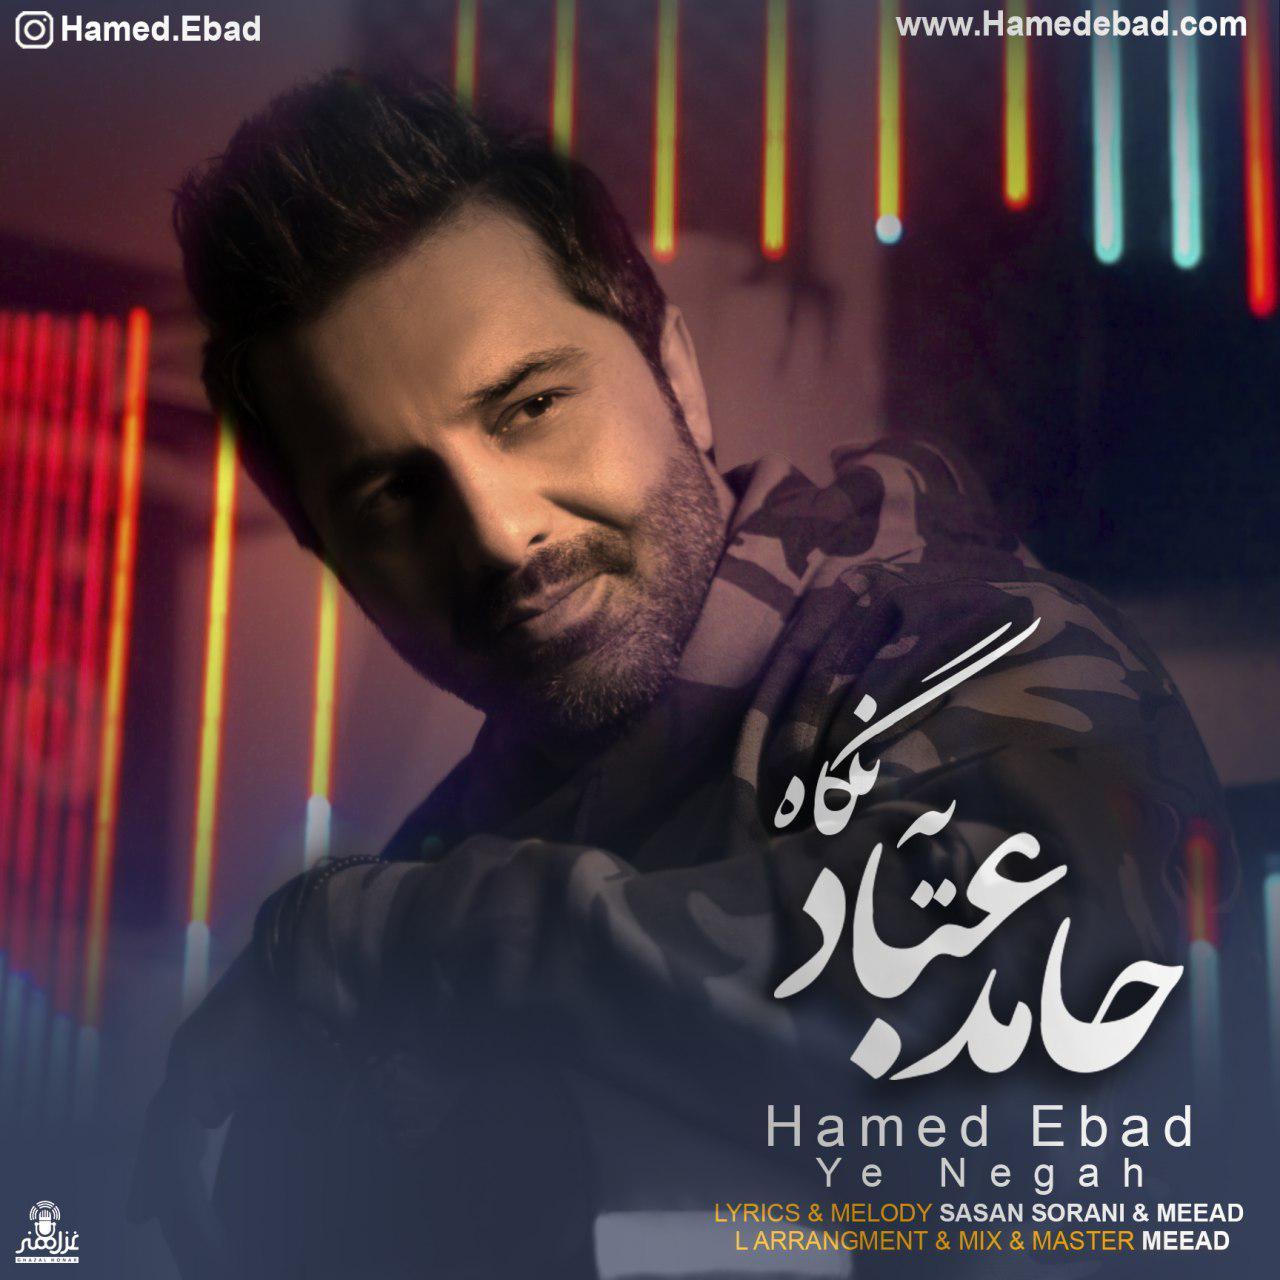 Hamed Ebad – Ye Negah